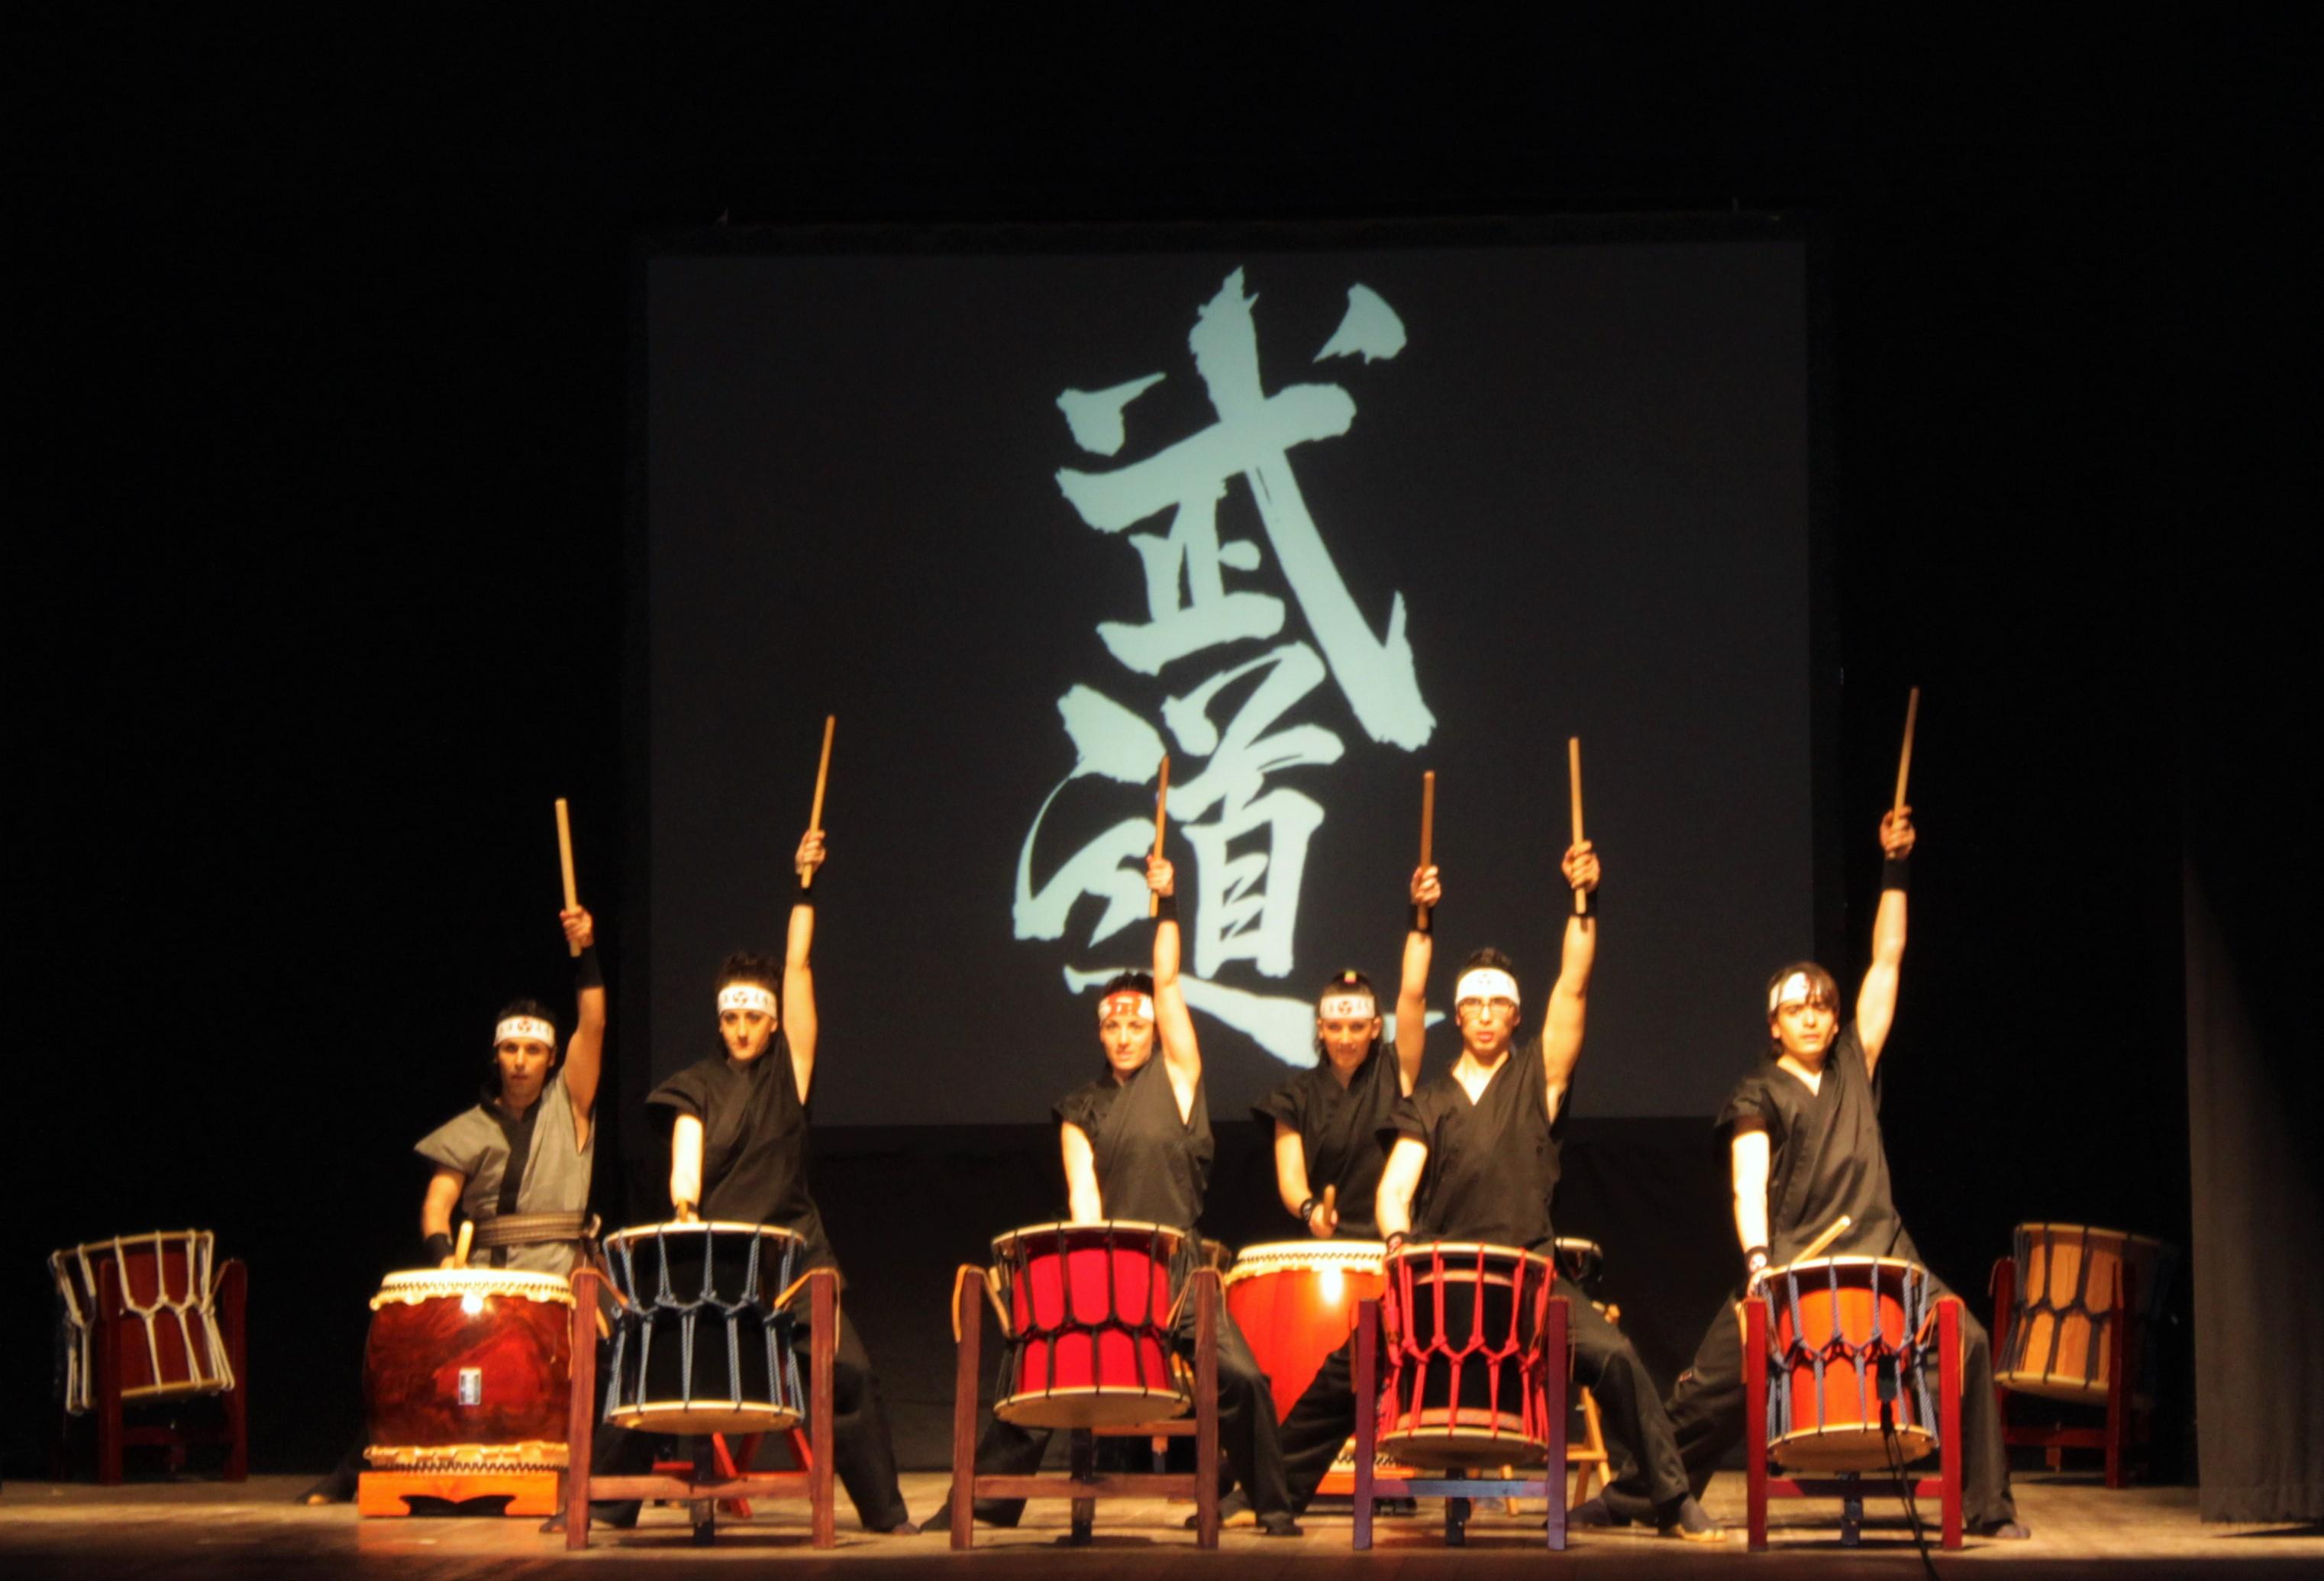 Teatro Diana 2011